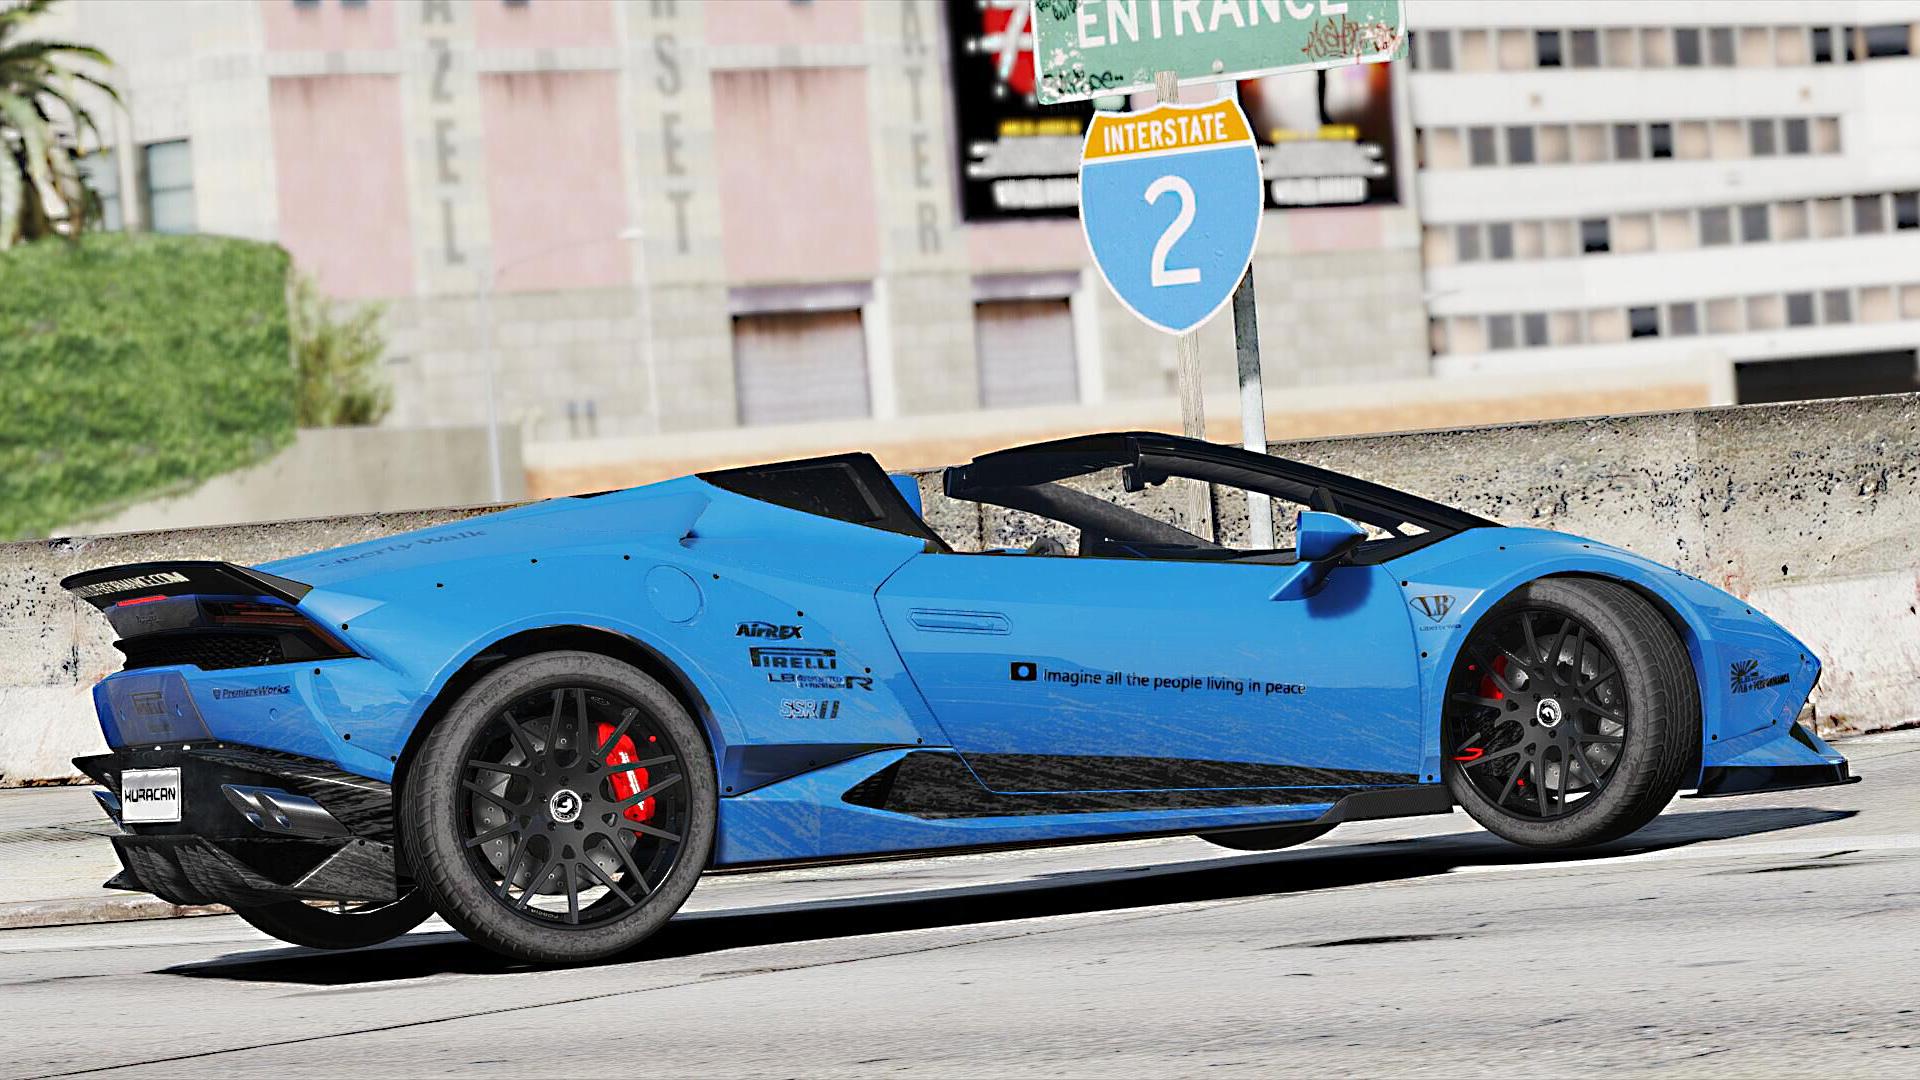 Lamborghini Huracan Spyder Liberty Walk Paintjob Gta5 Mods Com